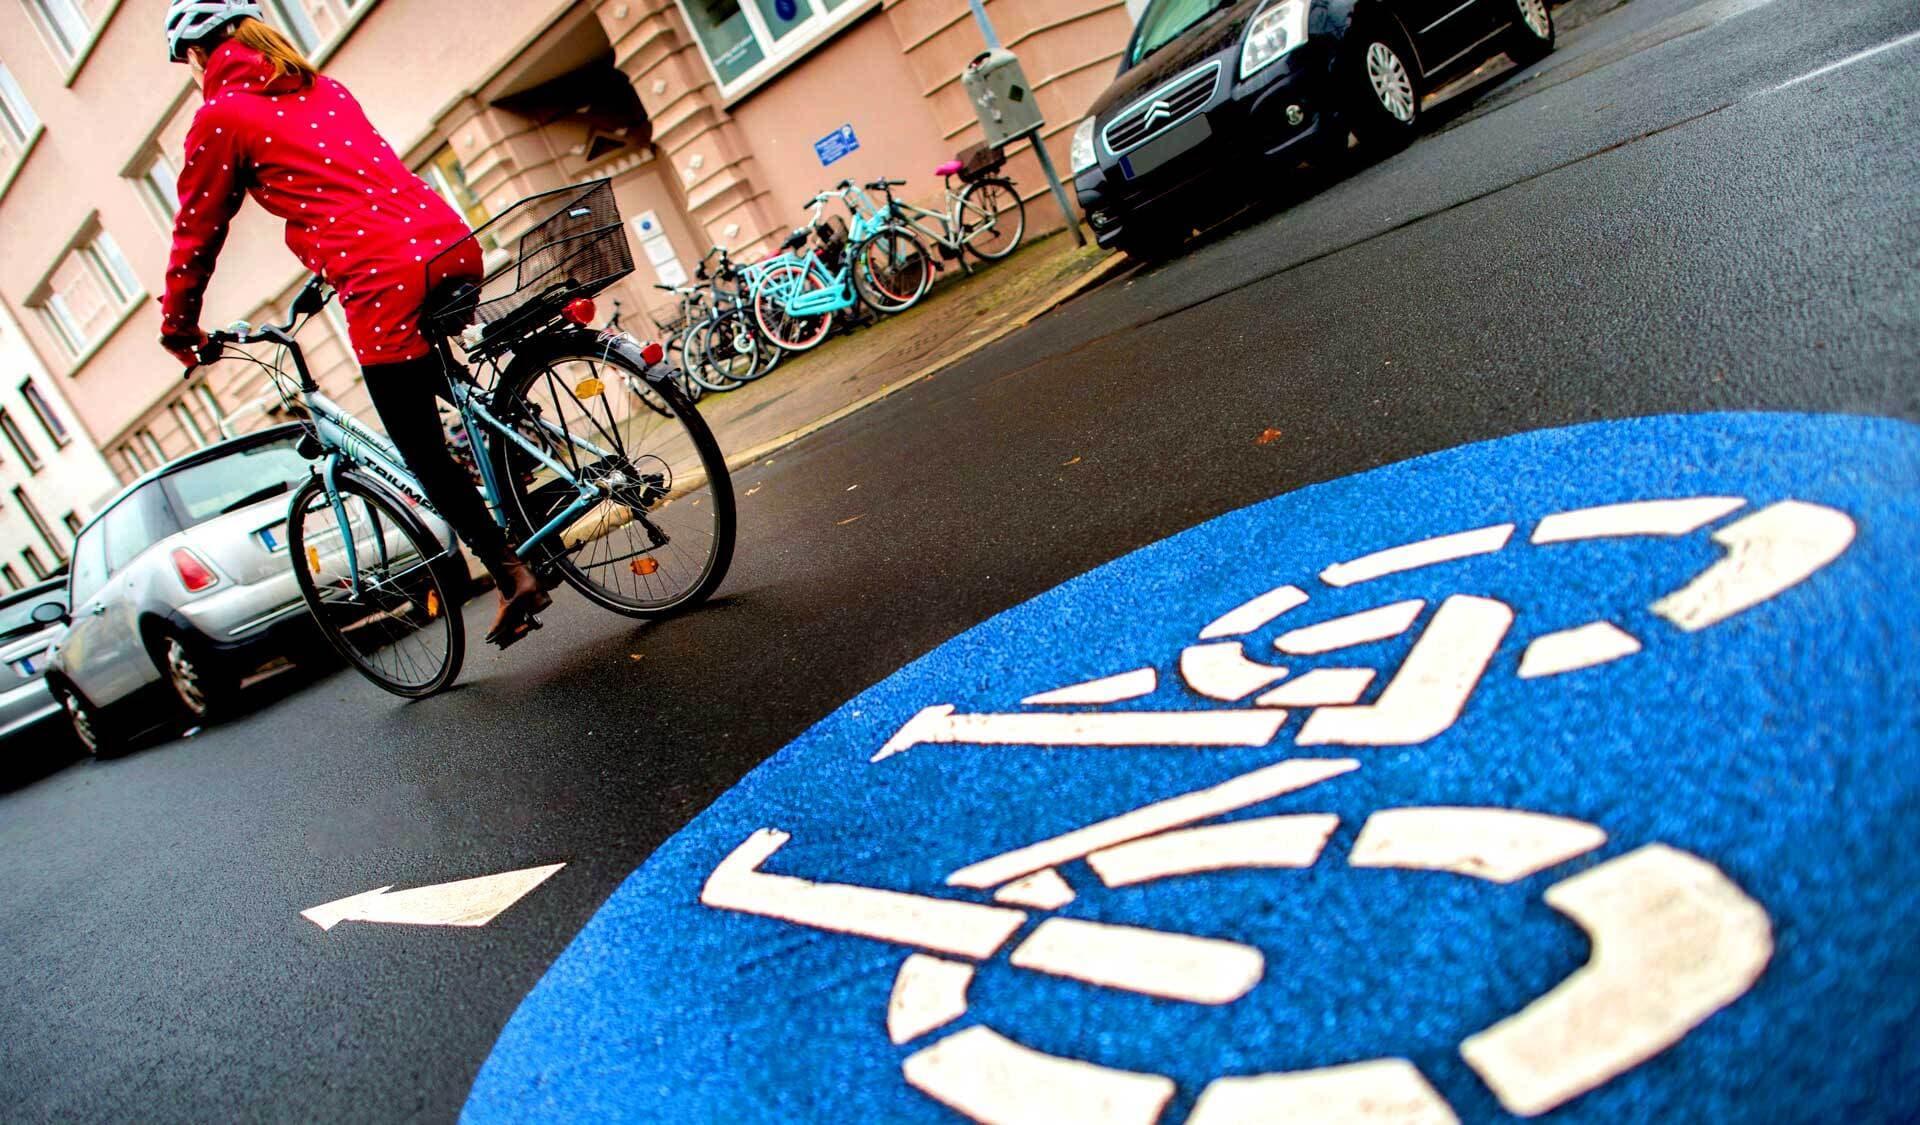 Eine Radfahrerin fährt auf der Fahrradstraße. Das blaue Fahrradstraßenzeichen ist auf dem Asphalt zu sehen